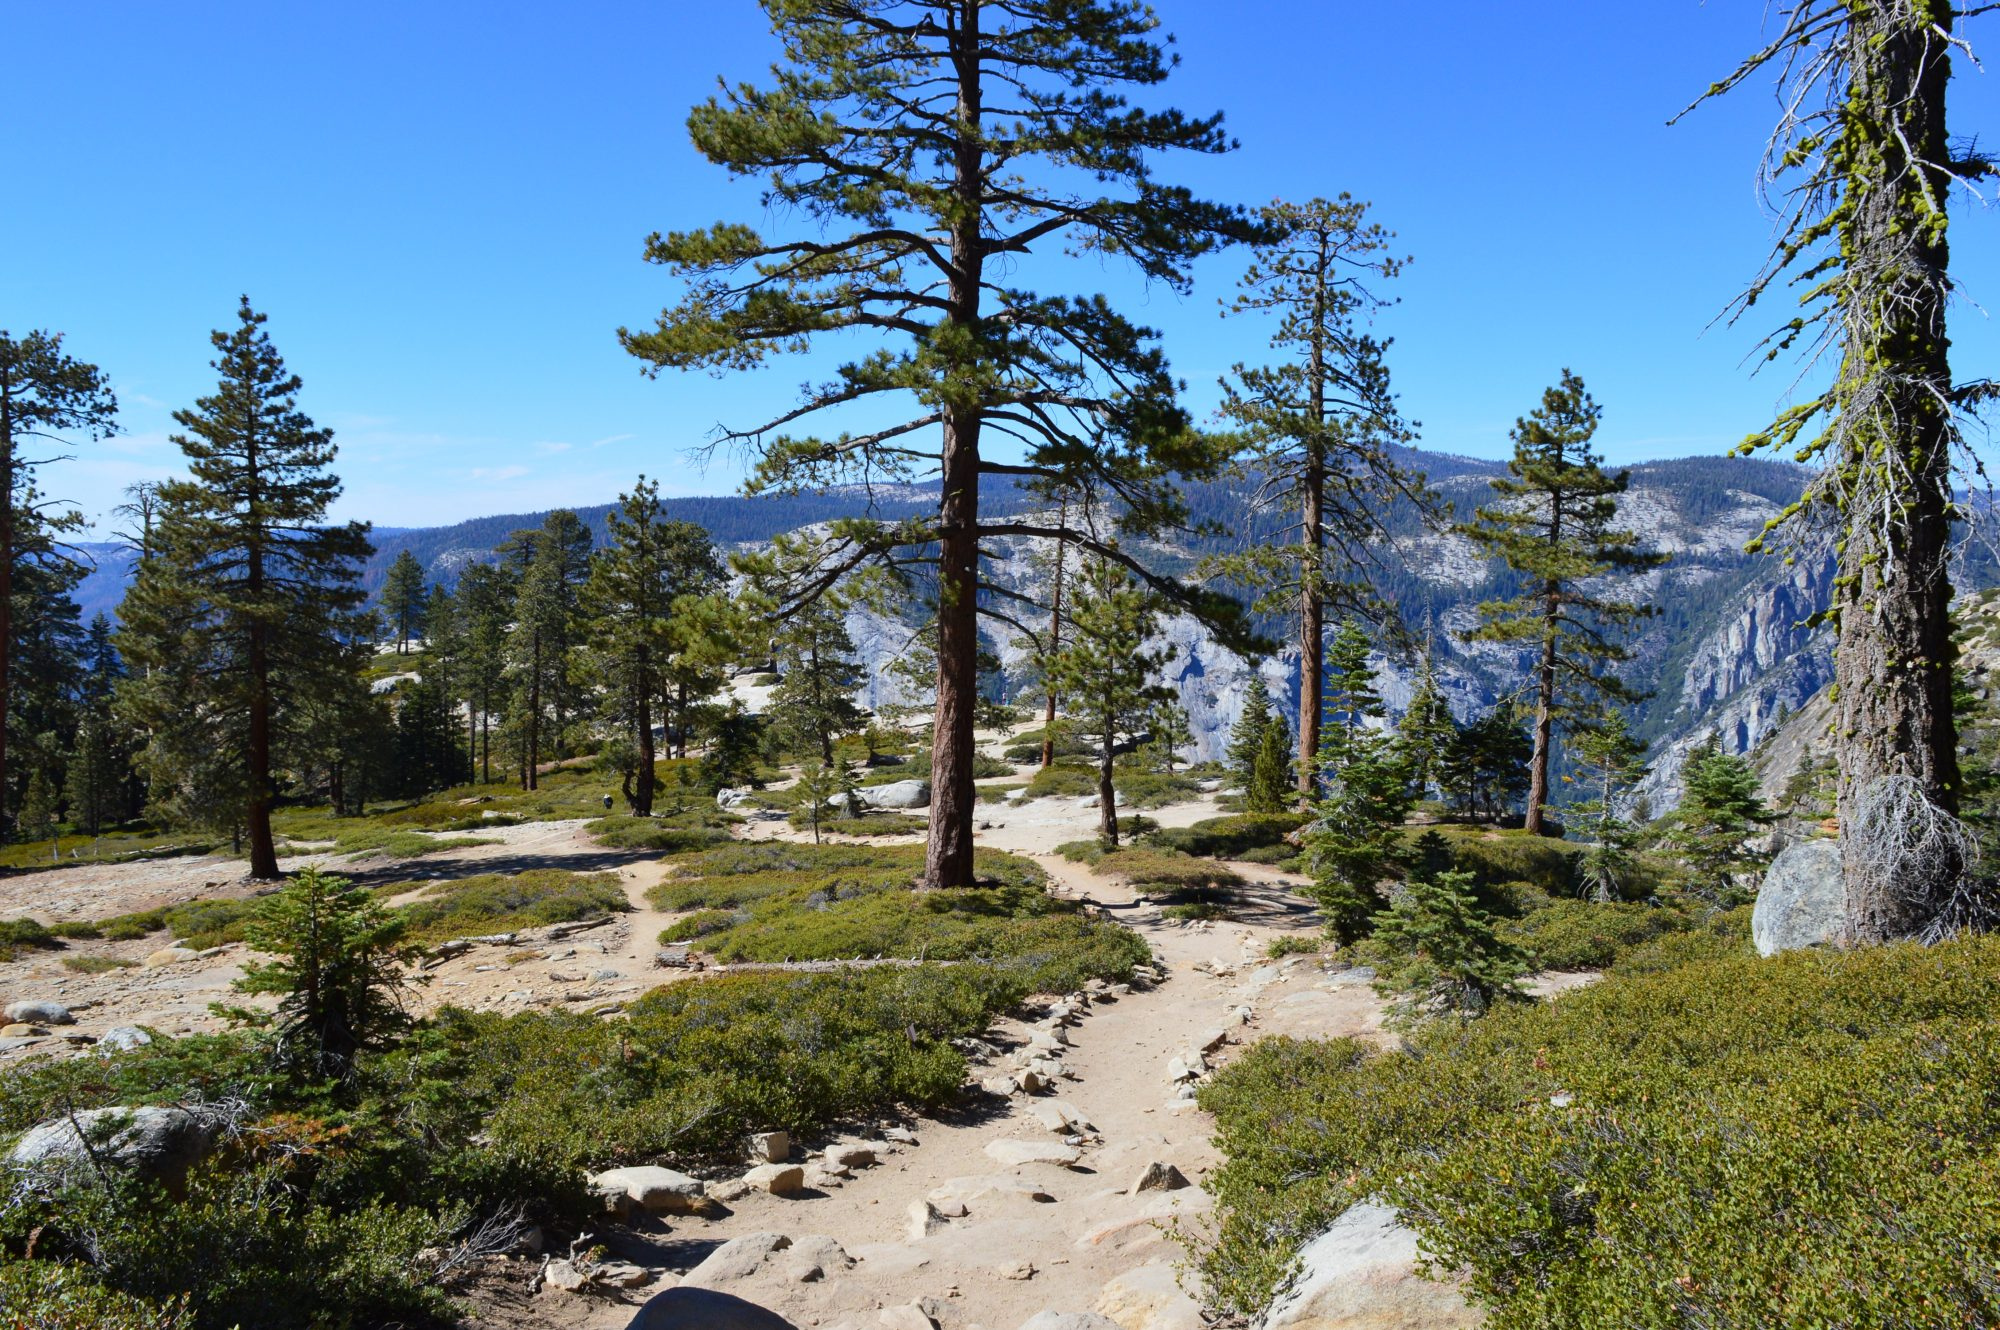 Taft Point Trail Yosemite National Park